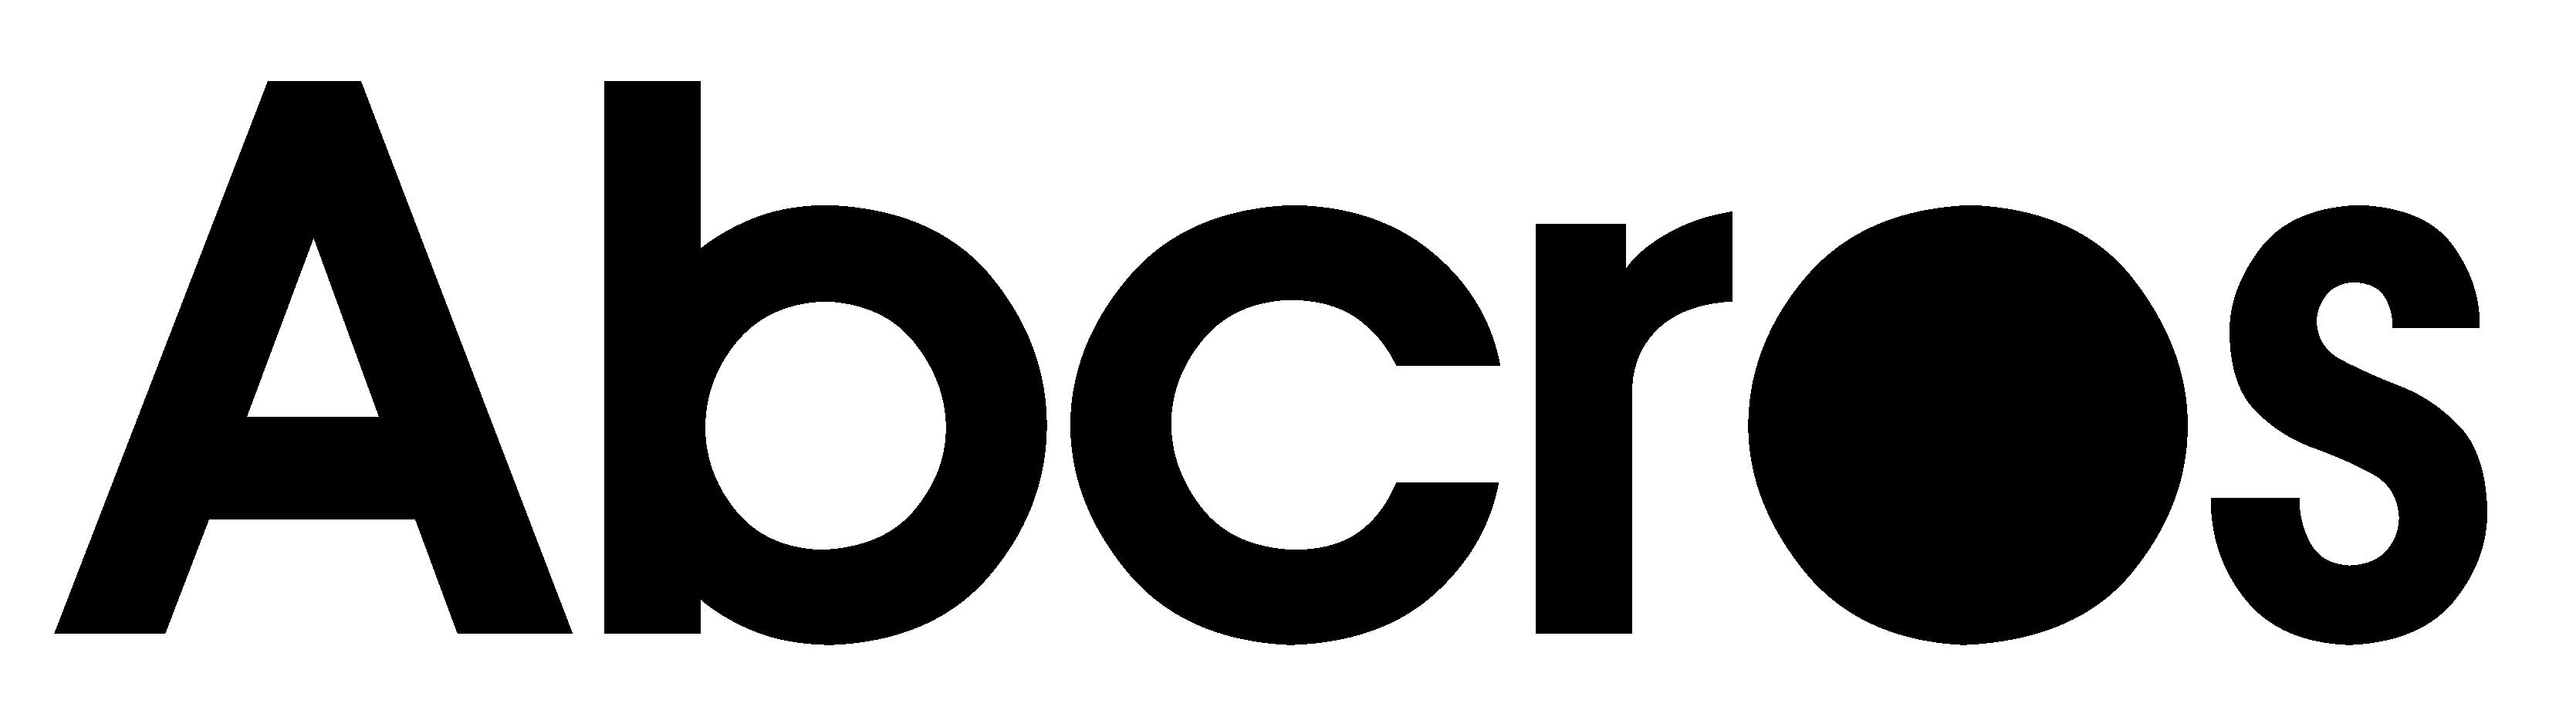 Abcros